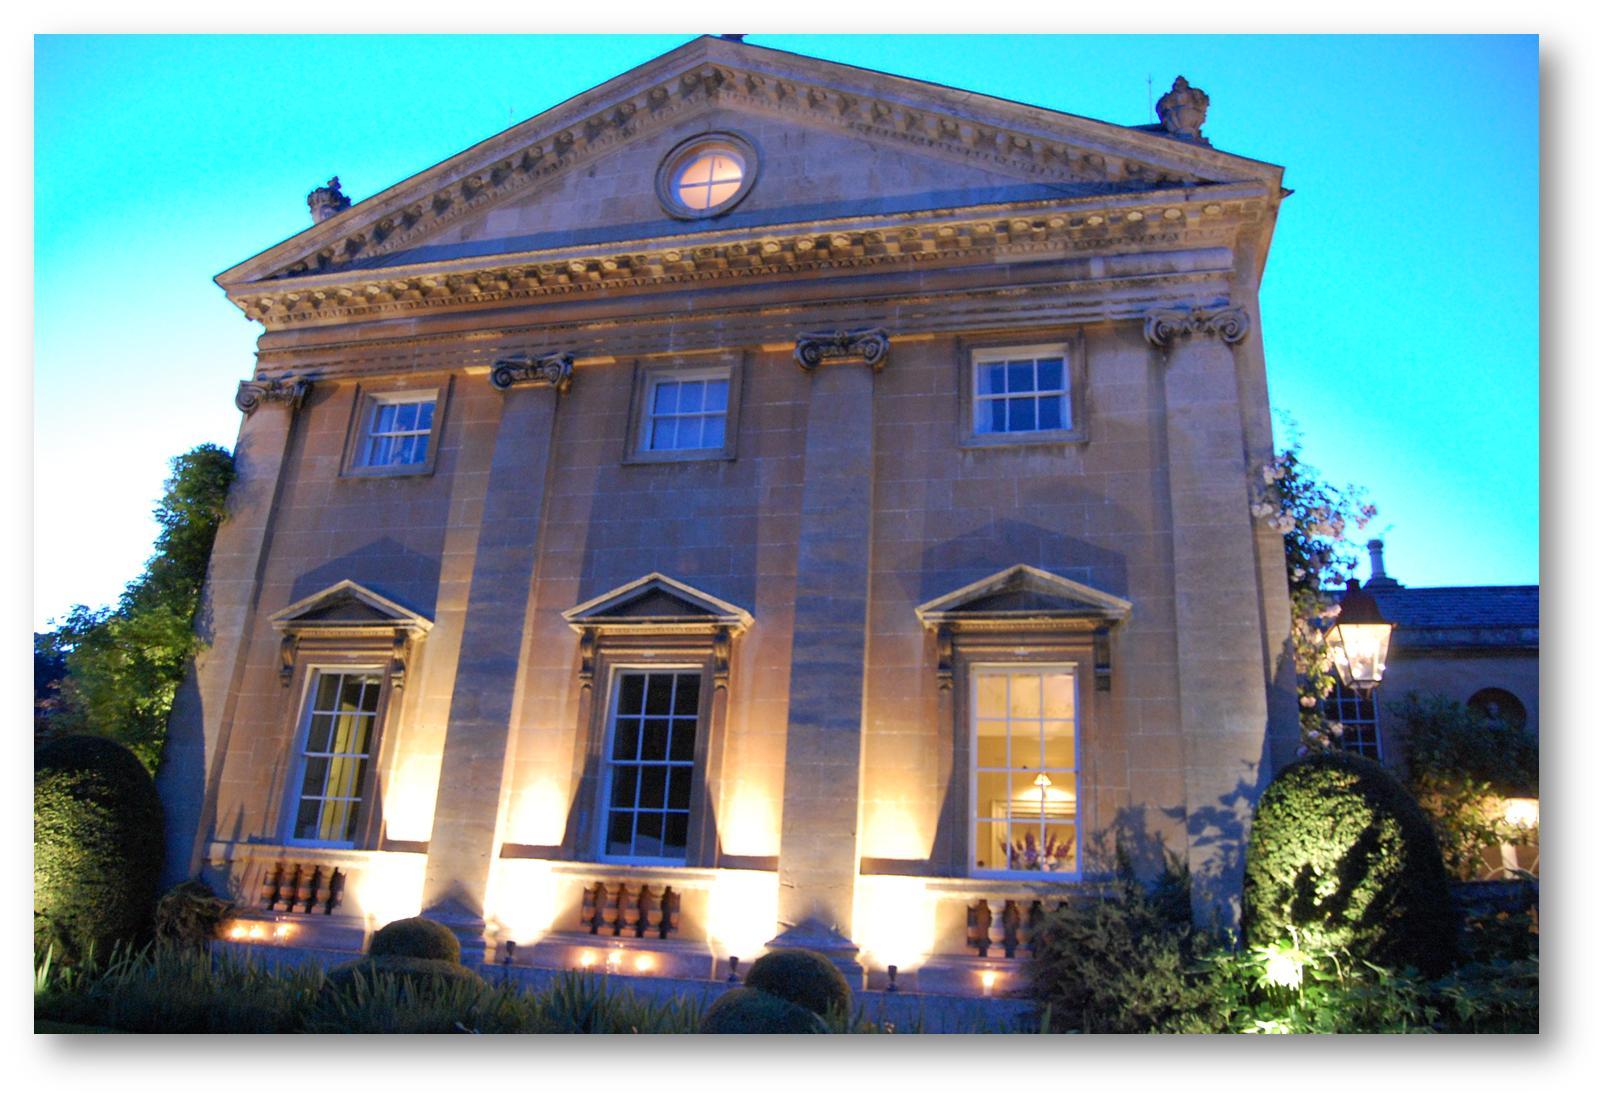 Belcombe Court